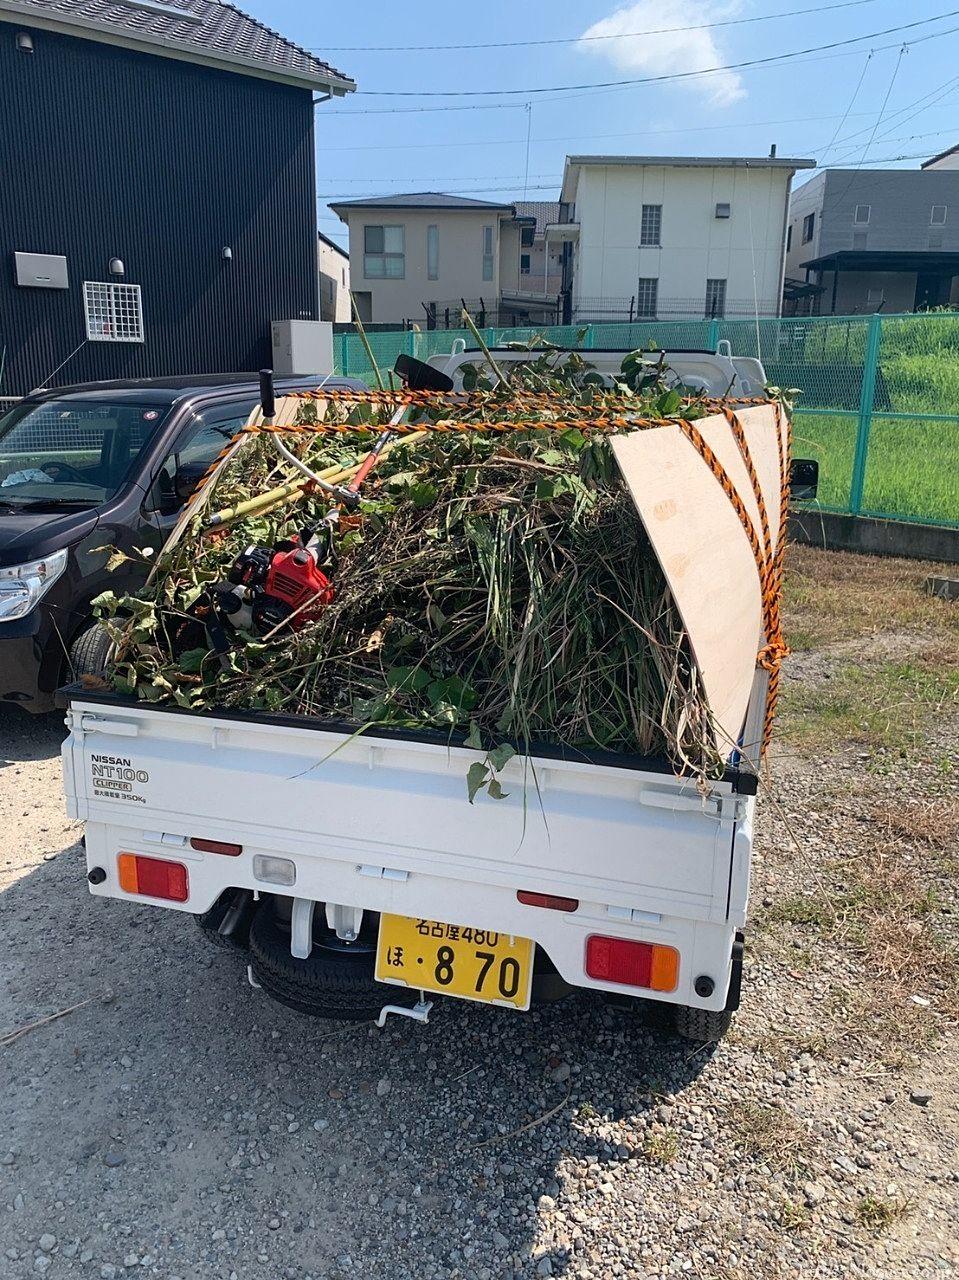 【草刈りサポート】東浦町緒川 月極駐車場の草刈りに出動しました。炎天下で大変な作業ですが、シニアサポート大府店は草刈り仕事が大好きです!